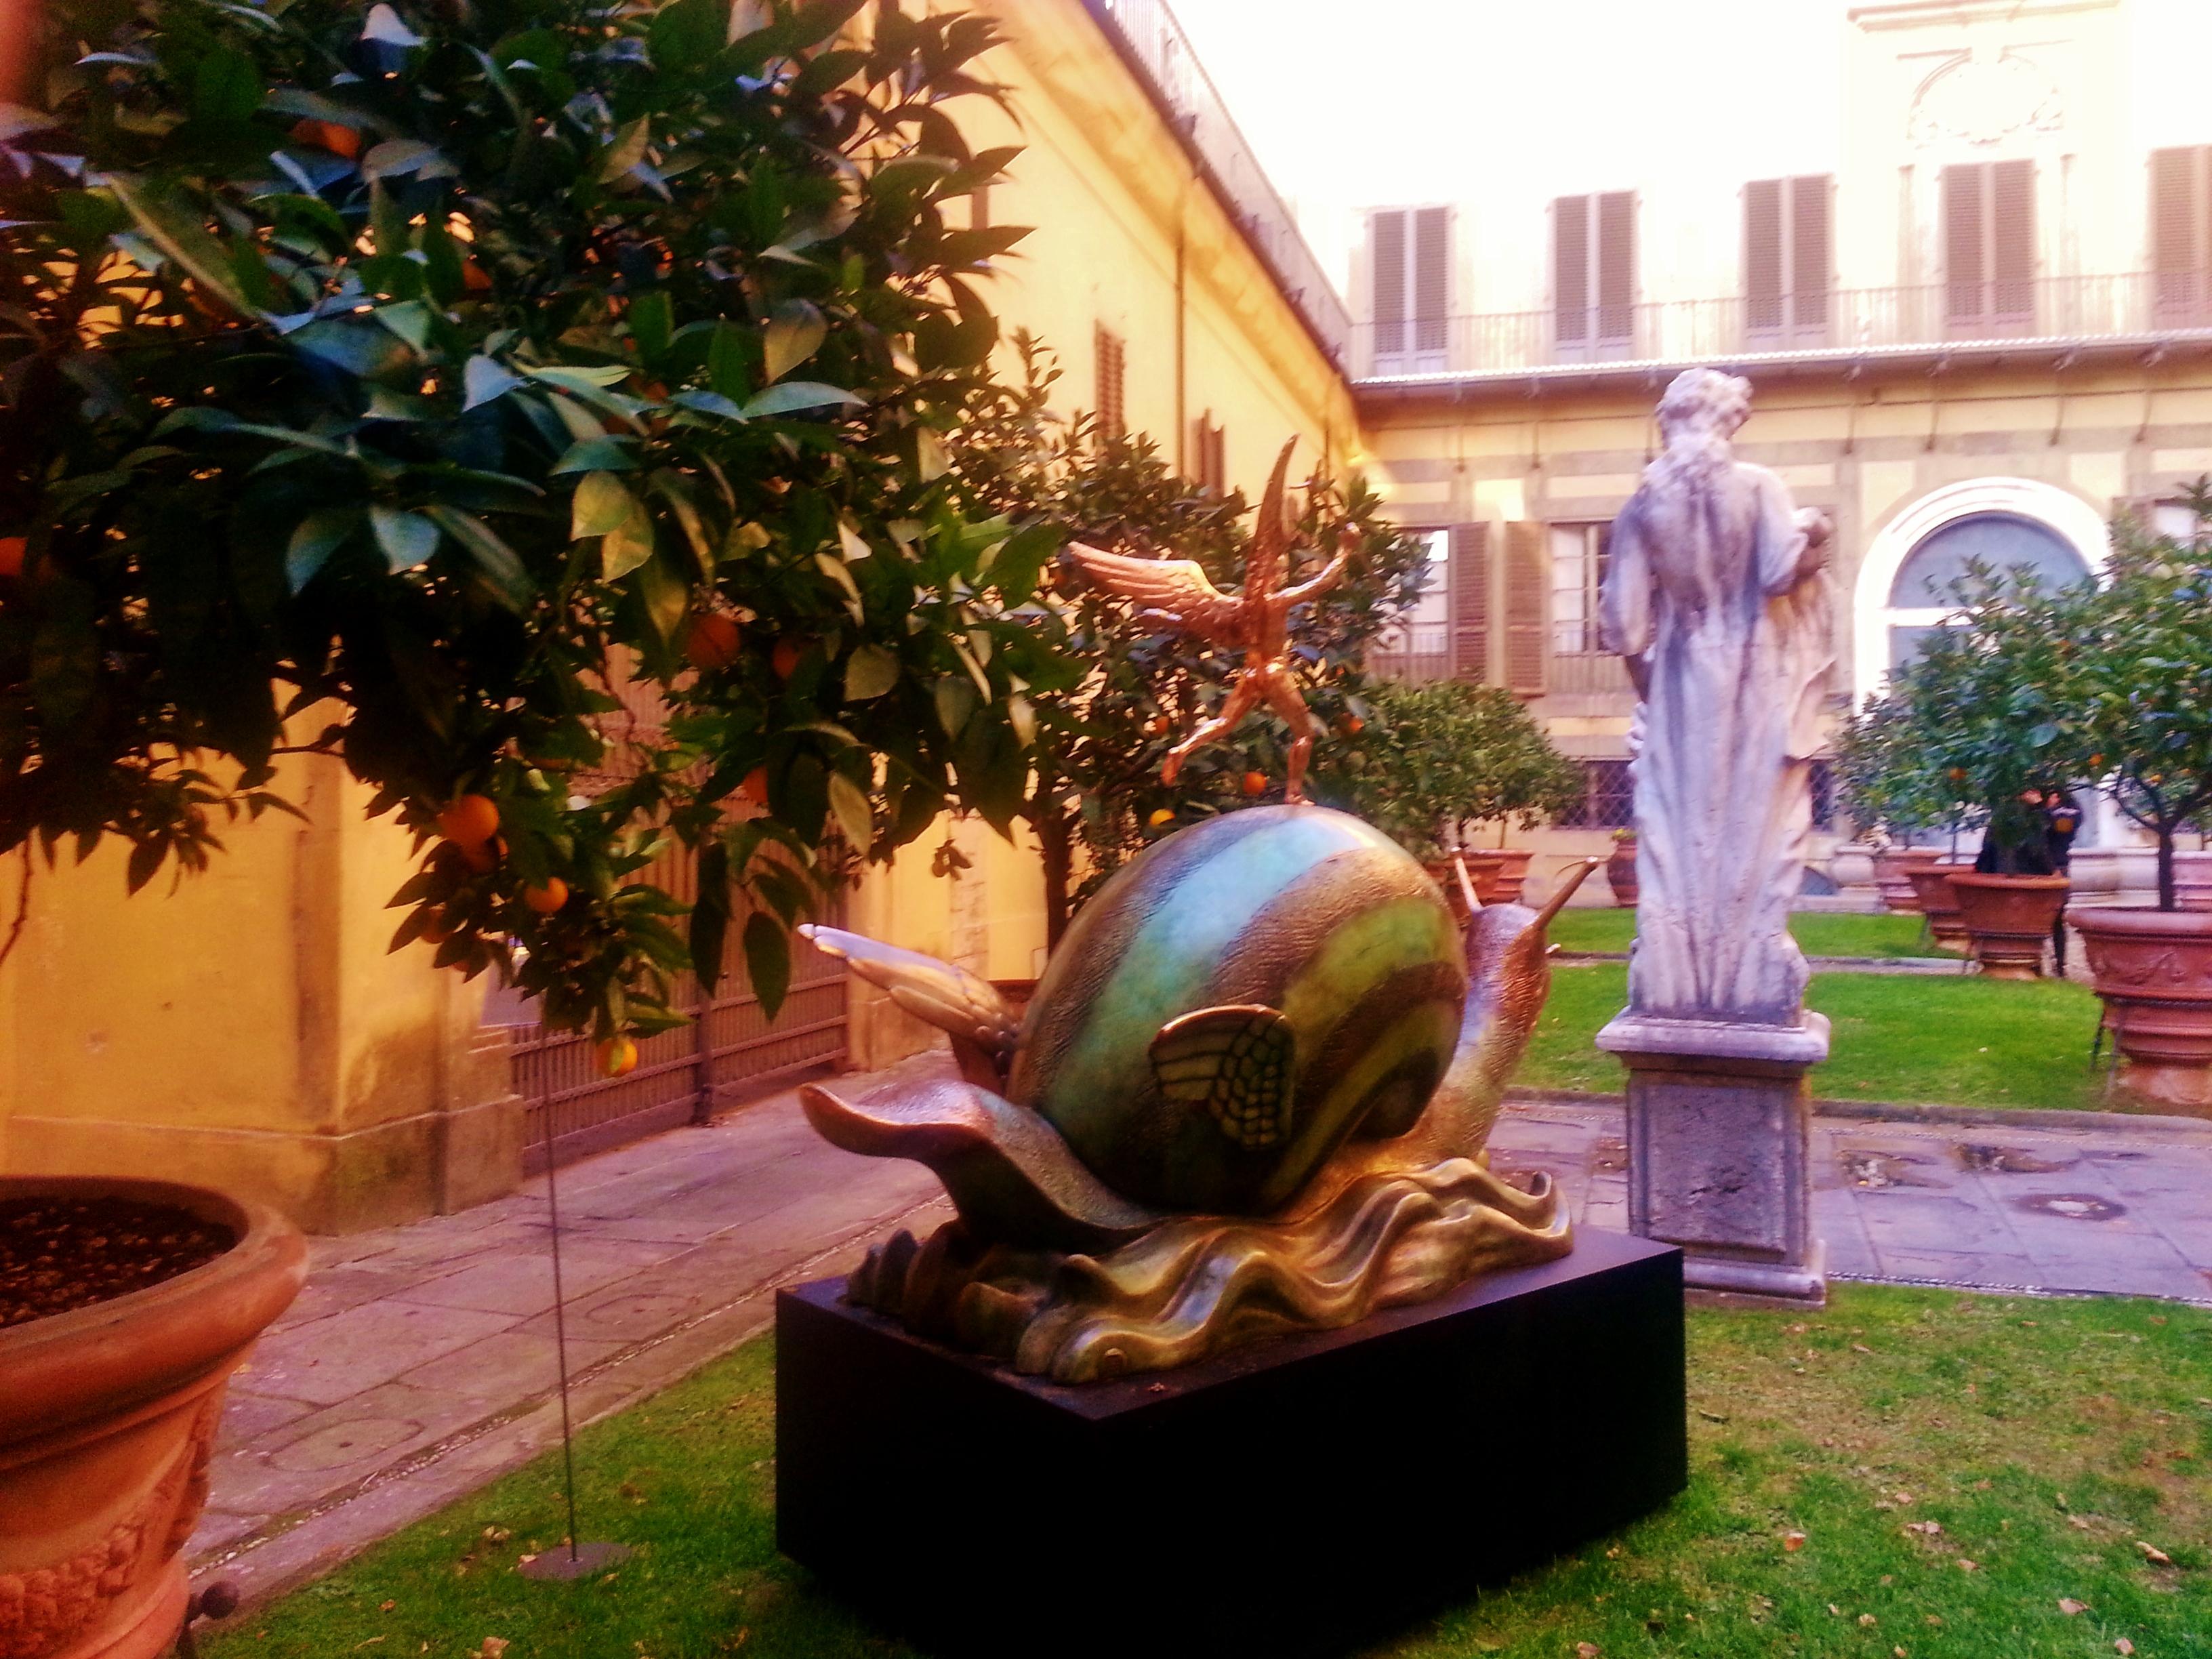 dali exhibit florence italy